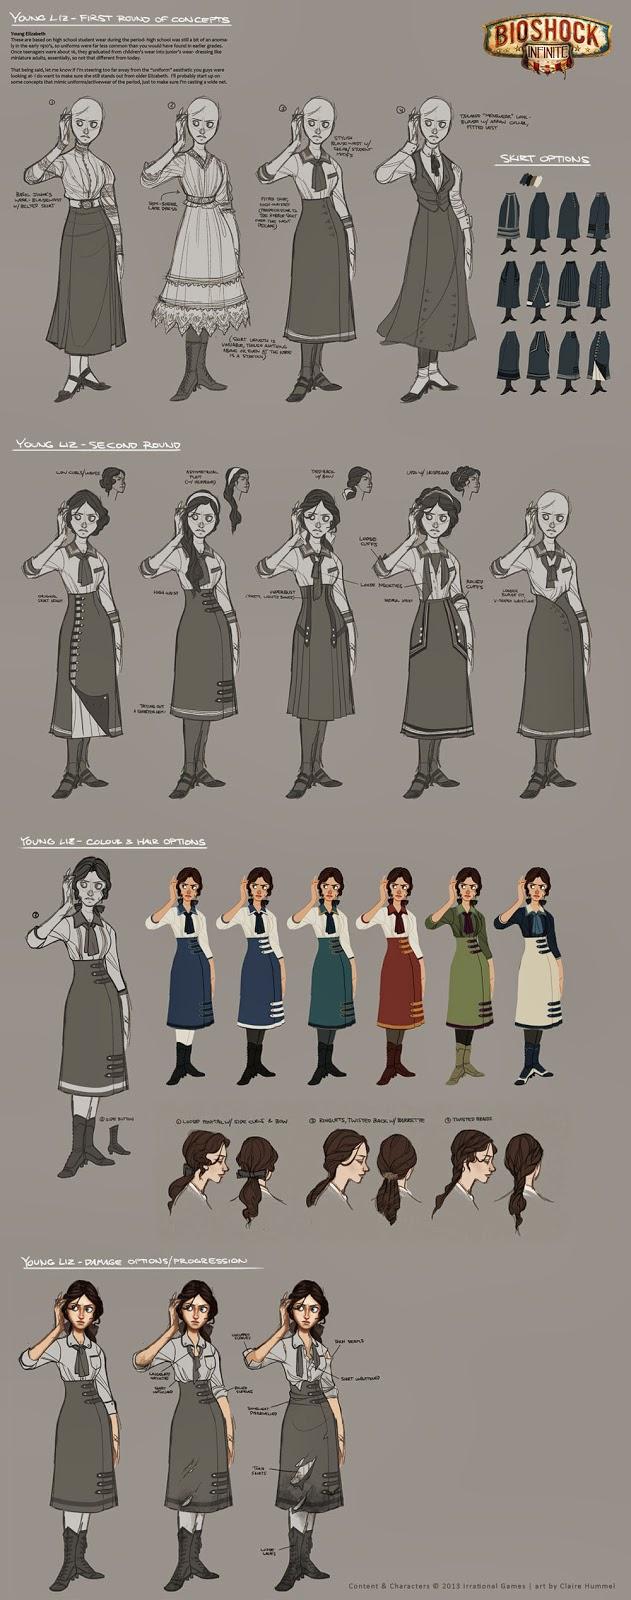 Claire Hummel Concept Art. Vestuarios y personajes